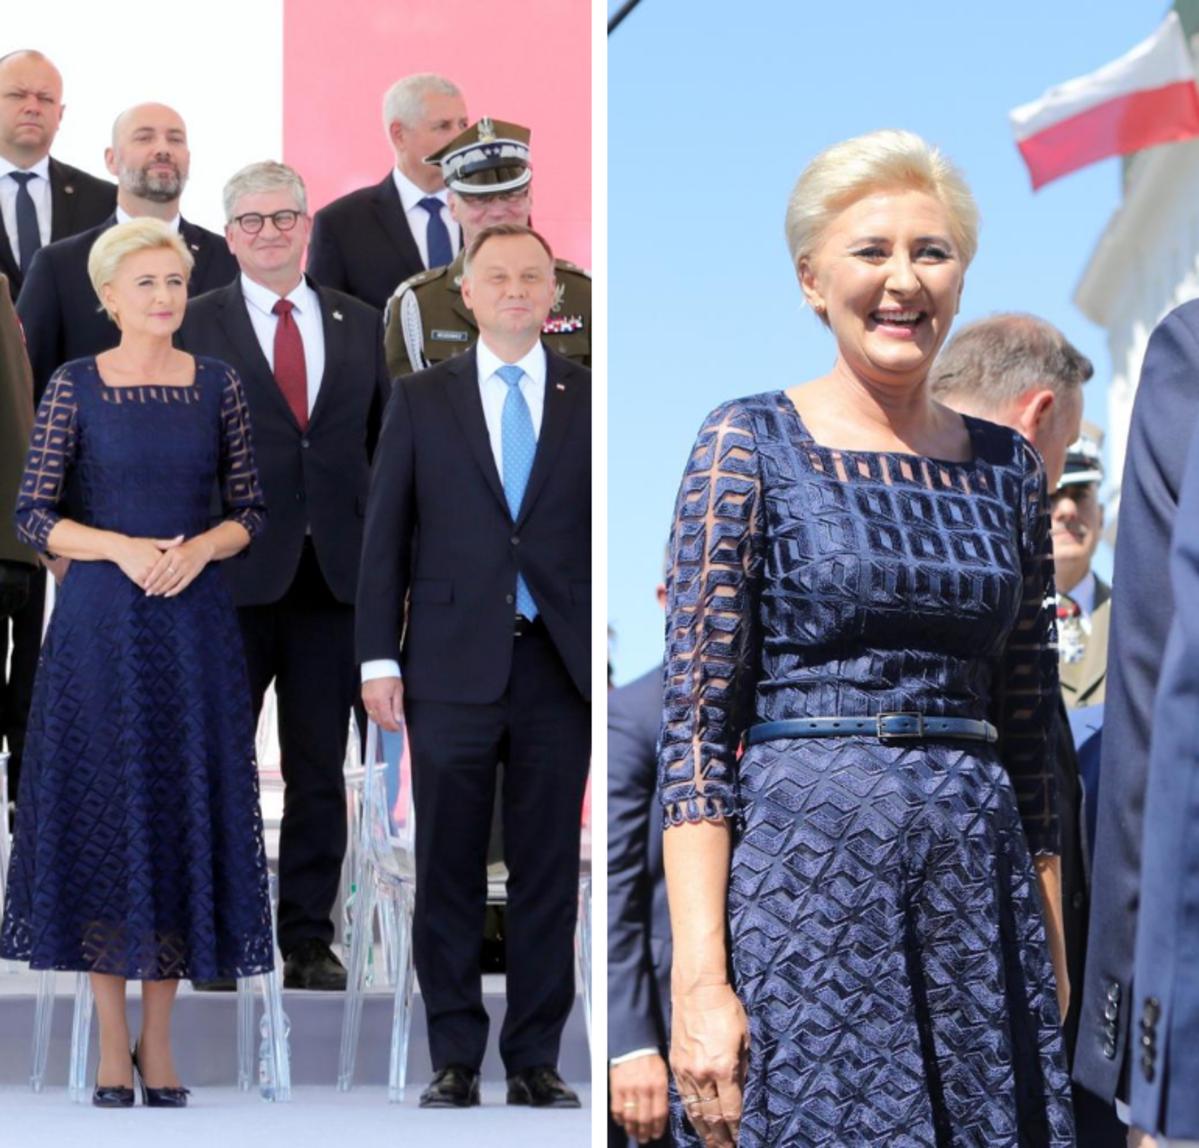 Agata Duda i Andrzej Duda na uroczystościach z okazji Święta Wojska Polskiego